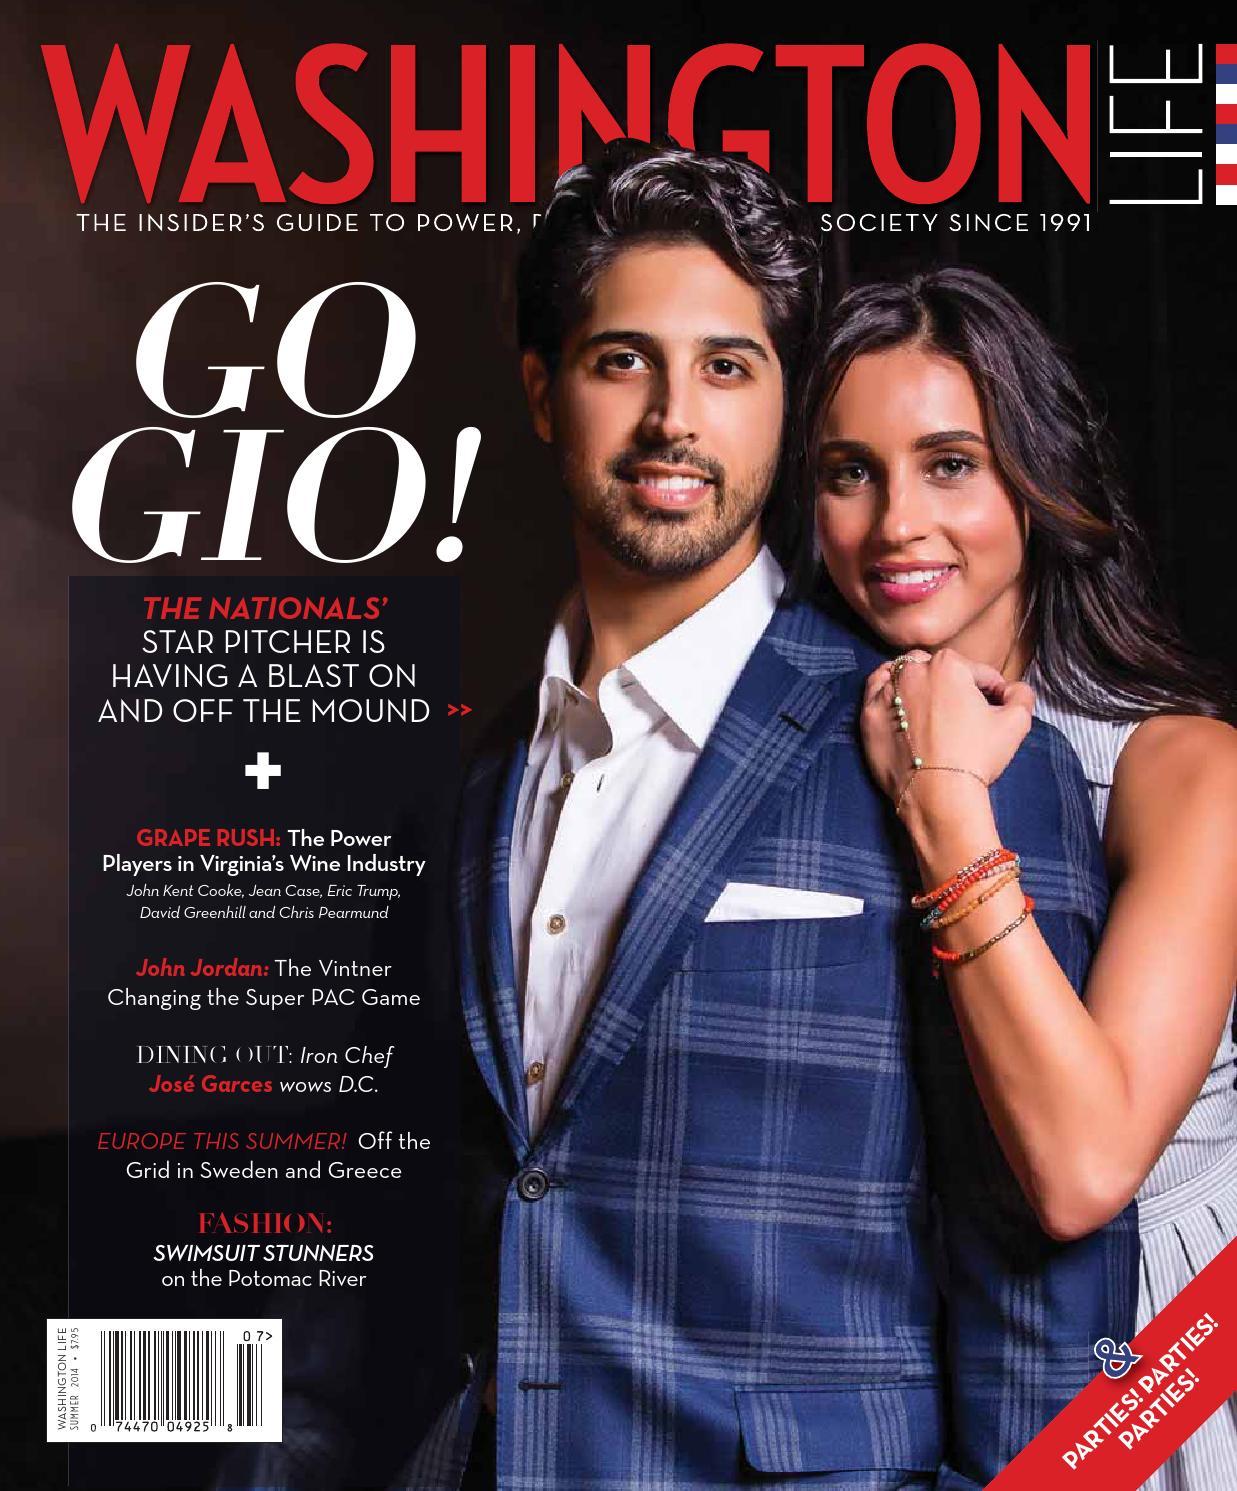 b2d287ea7982f Washington Life Magazine - Summer 2014 Issue by Washington Life ...